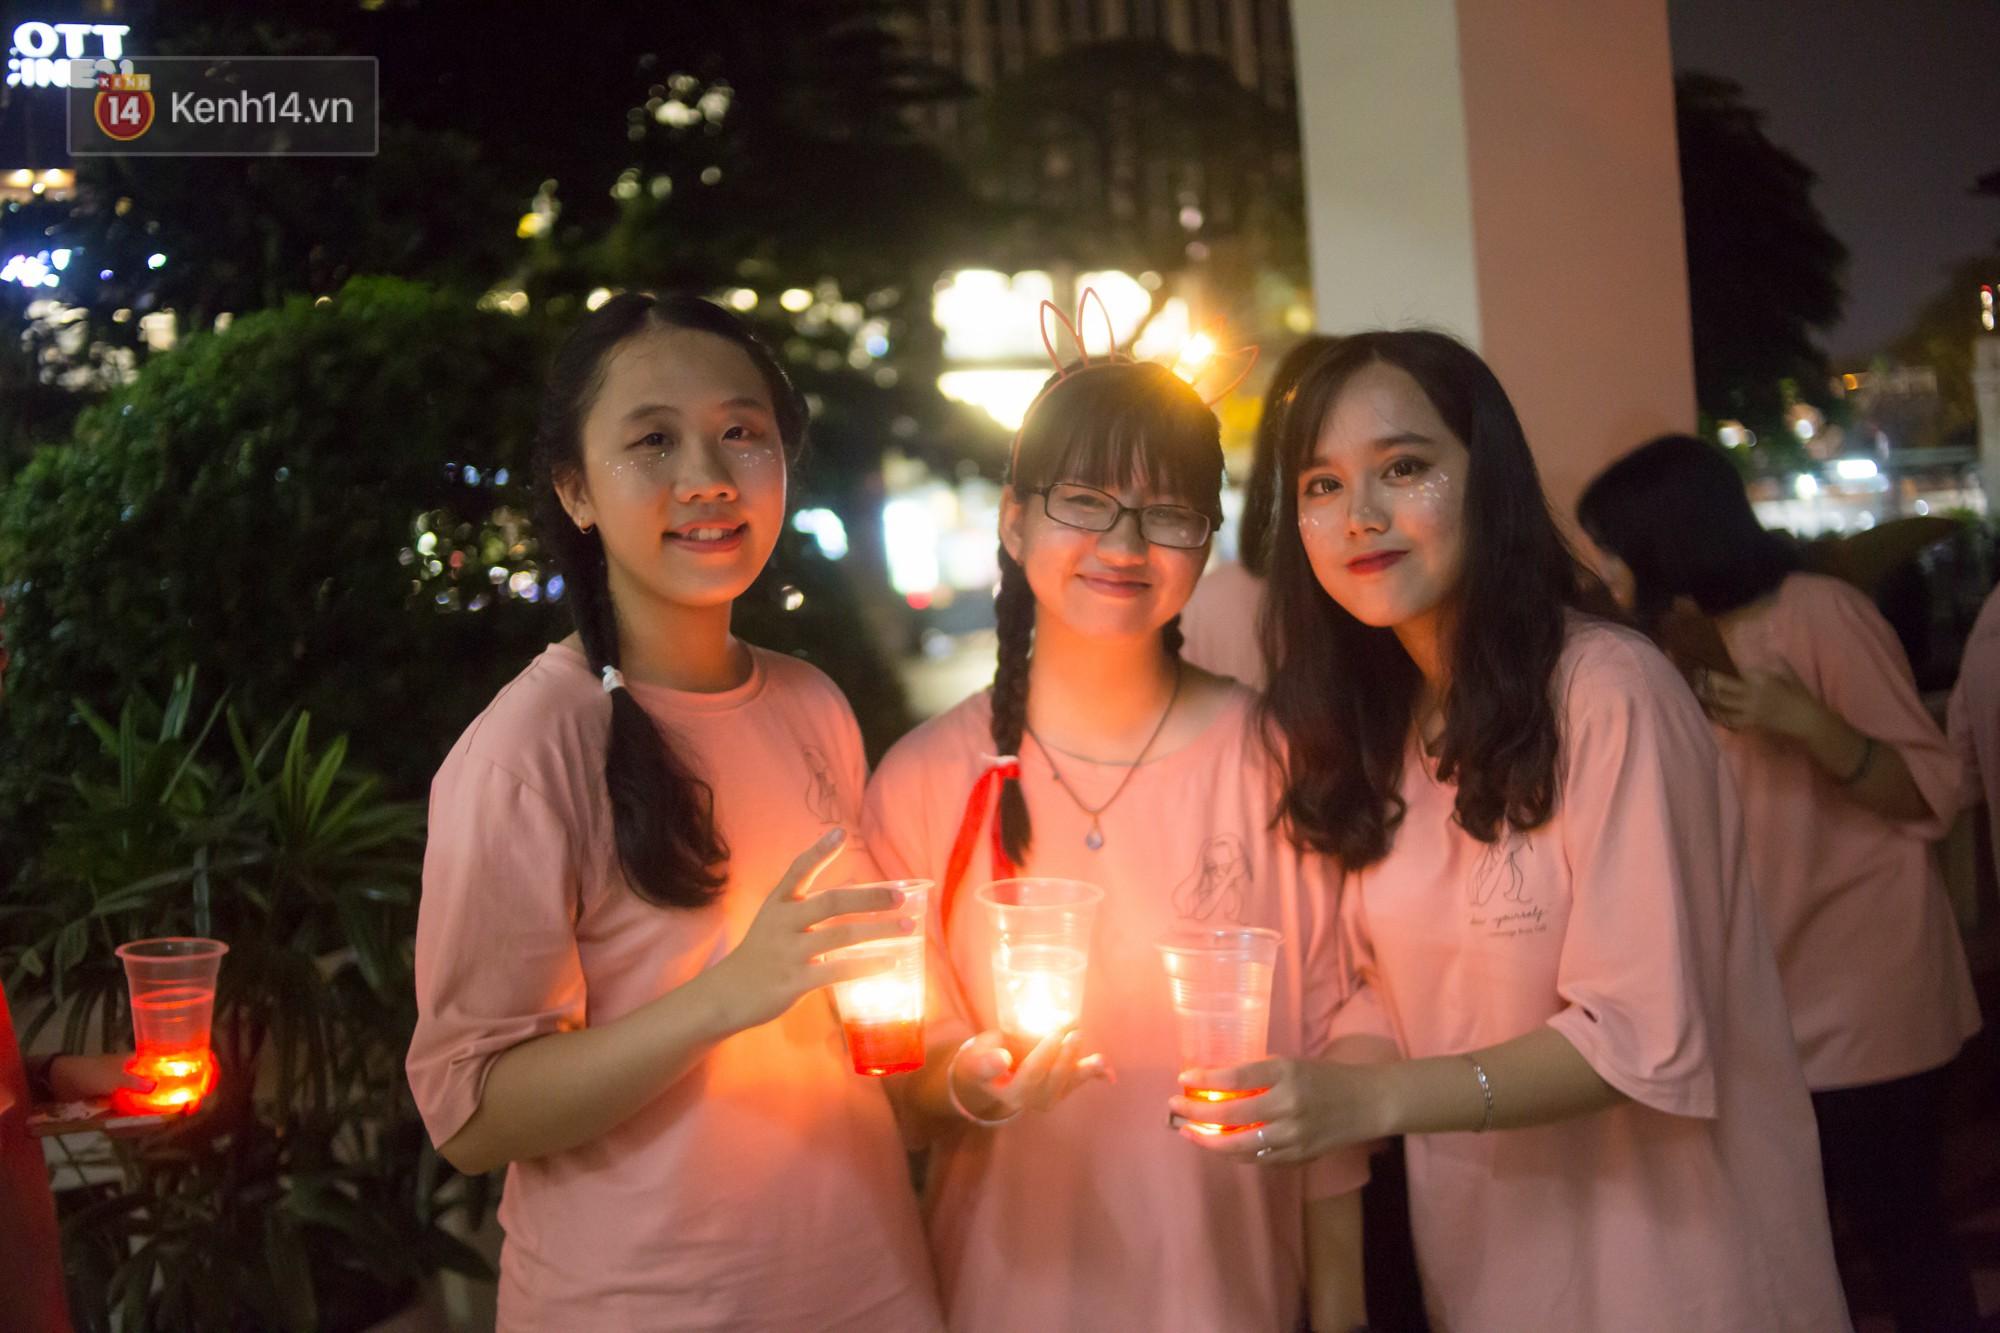 Ngày ra trường của teen Lê Hồng Phong: Nụ cười và nước mắt, bạn tôi ơi xin bên nhau thêm chút nữa!-19